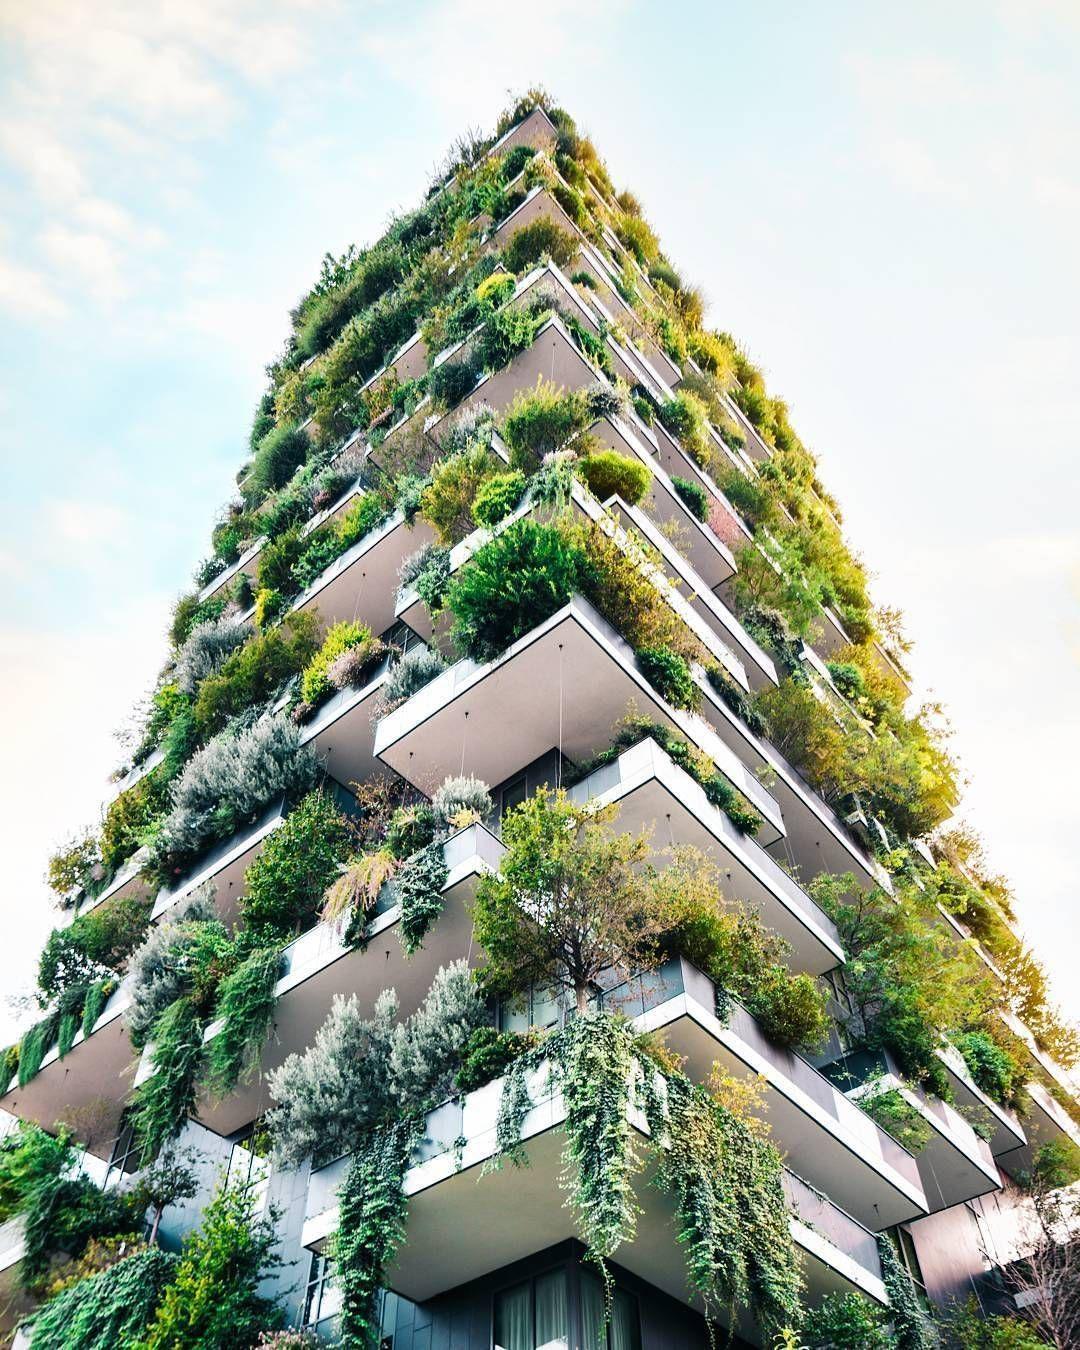 Pin Von Doubleu Auf Architecture Grune Architektur Grune Fassade Futuristische Architektur